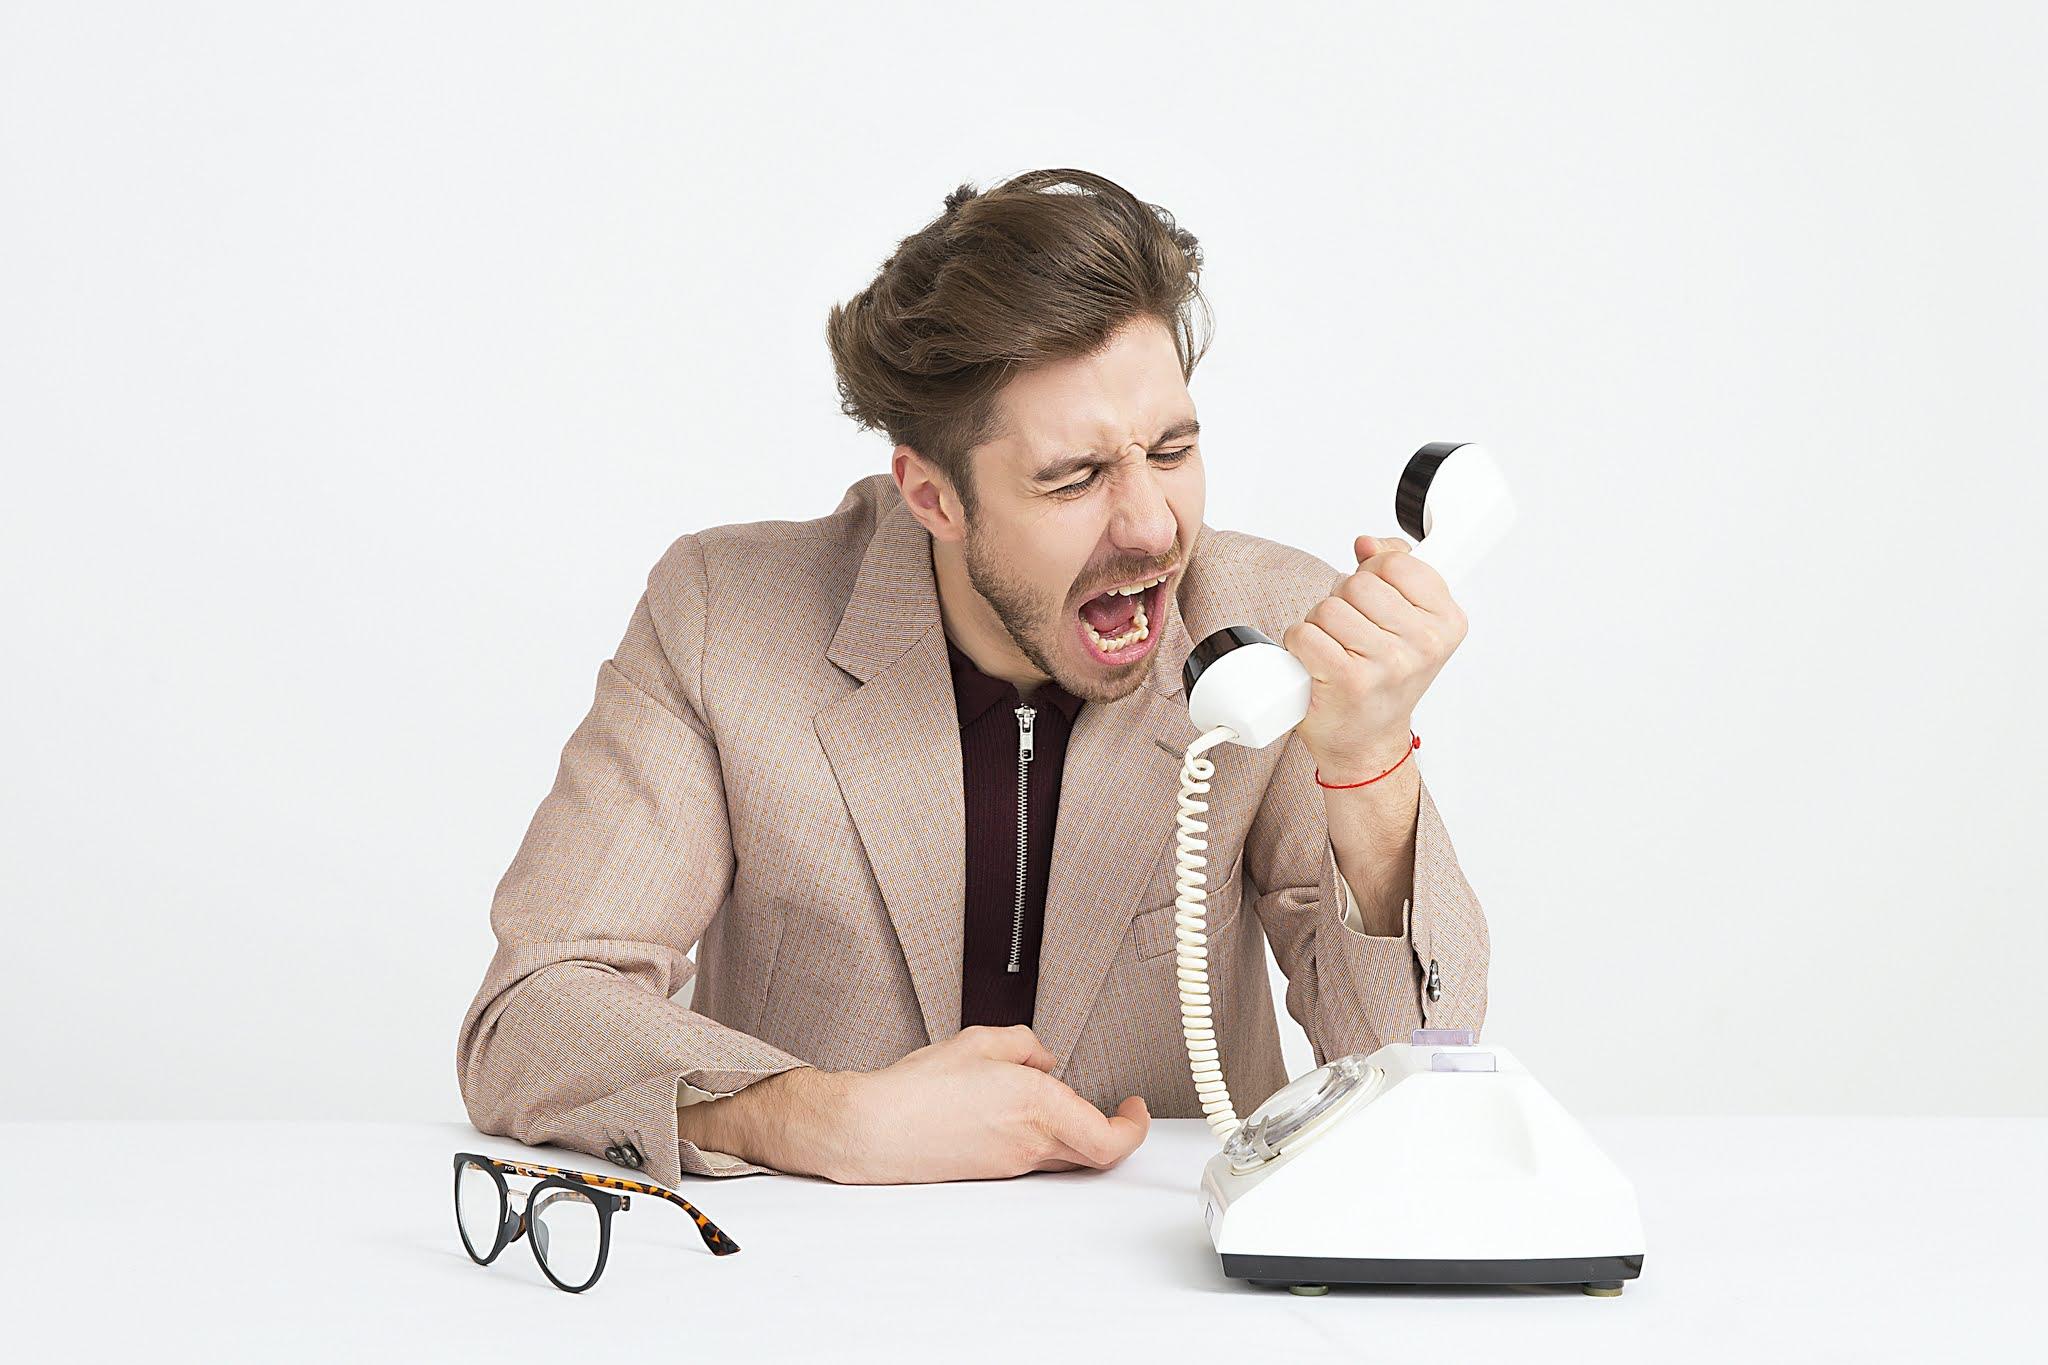 كيف اتجنب المكالمات الالية غير الرغوب فيها؟